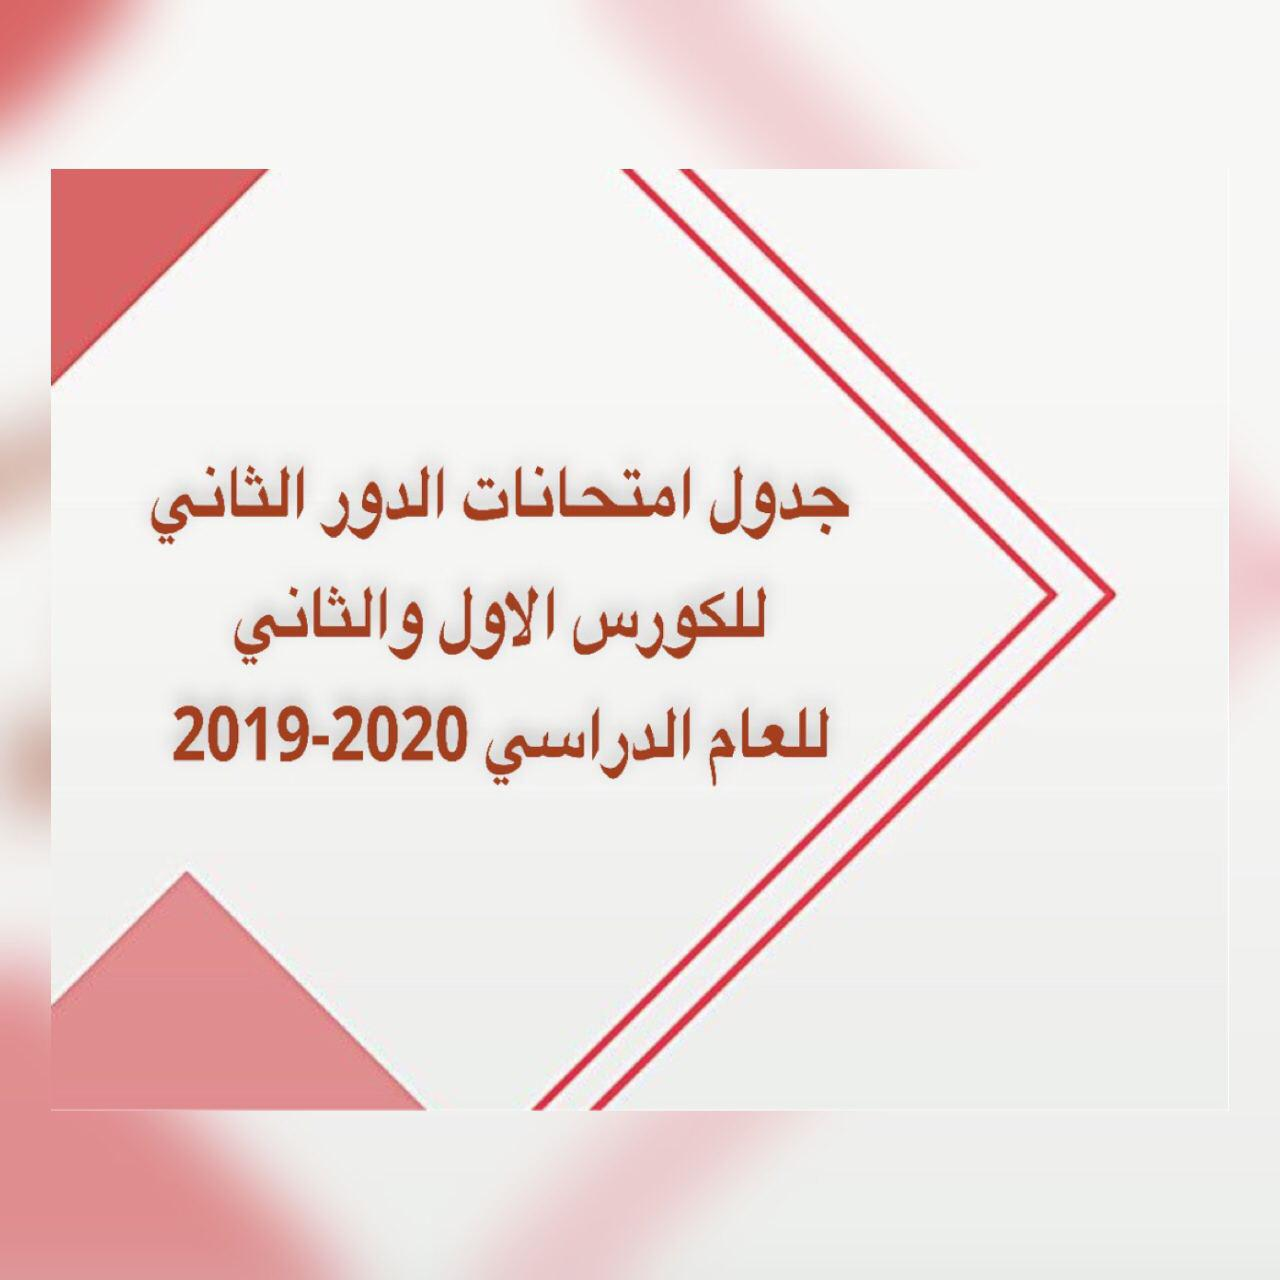 امتحان الدور الثاني لطلبة الدراسات الاولية لأقسام (أدارة الأعمال، الاقتصاد، الاحصاء )